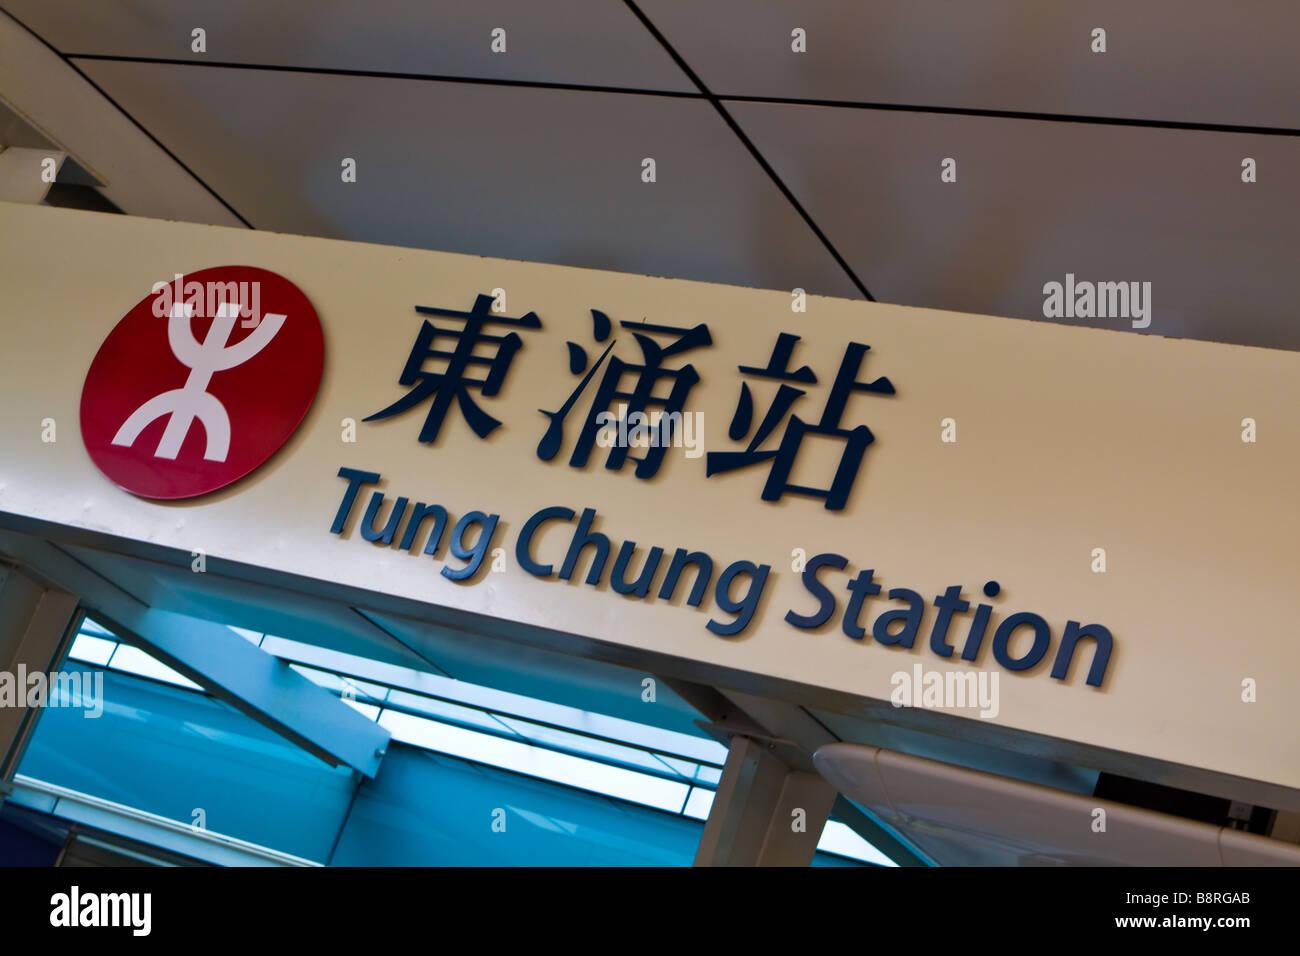 Tung Chung MTR Station Hong Kong China - Stock Image